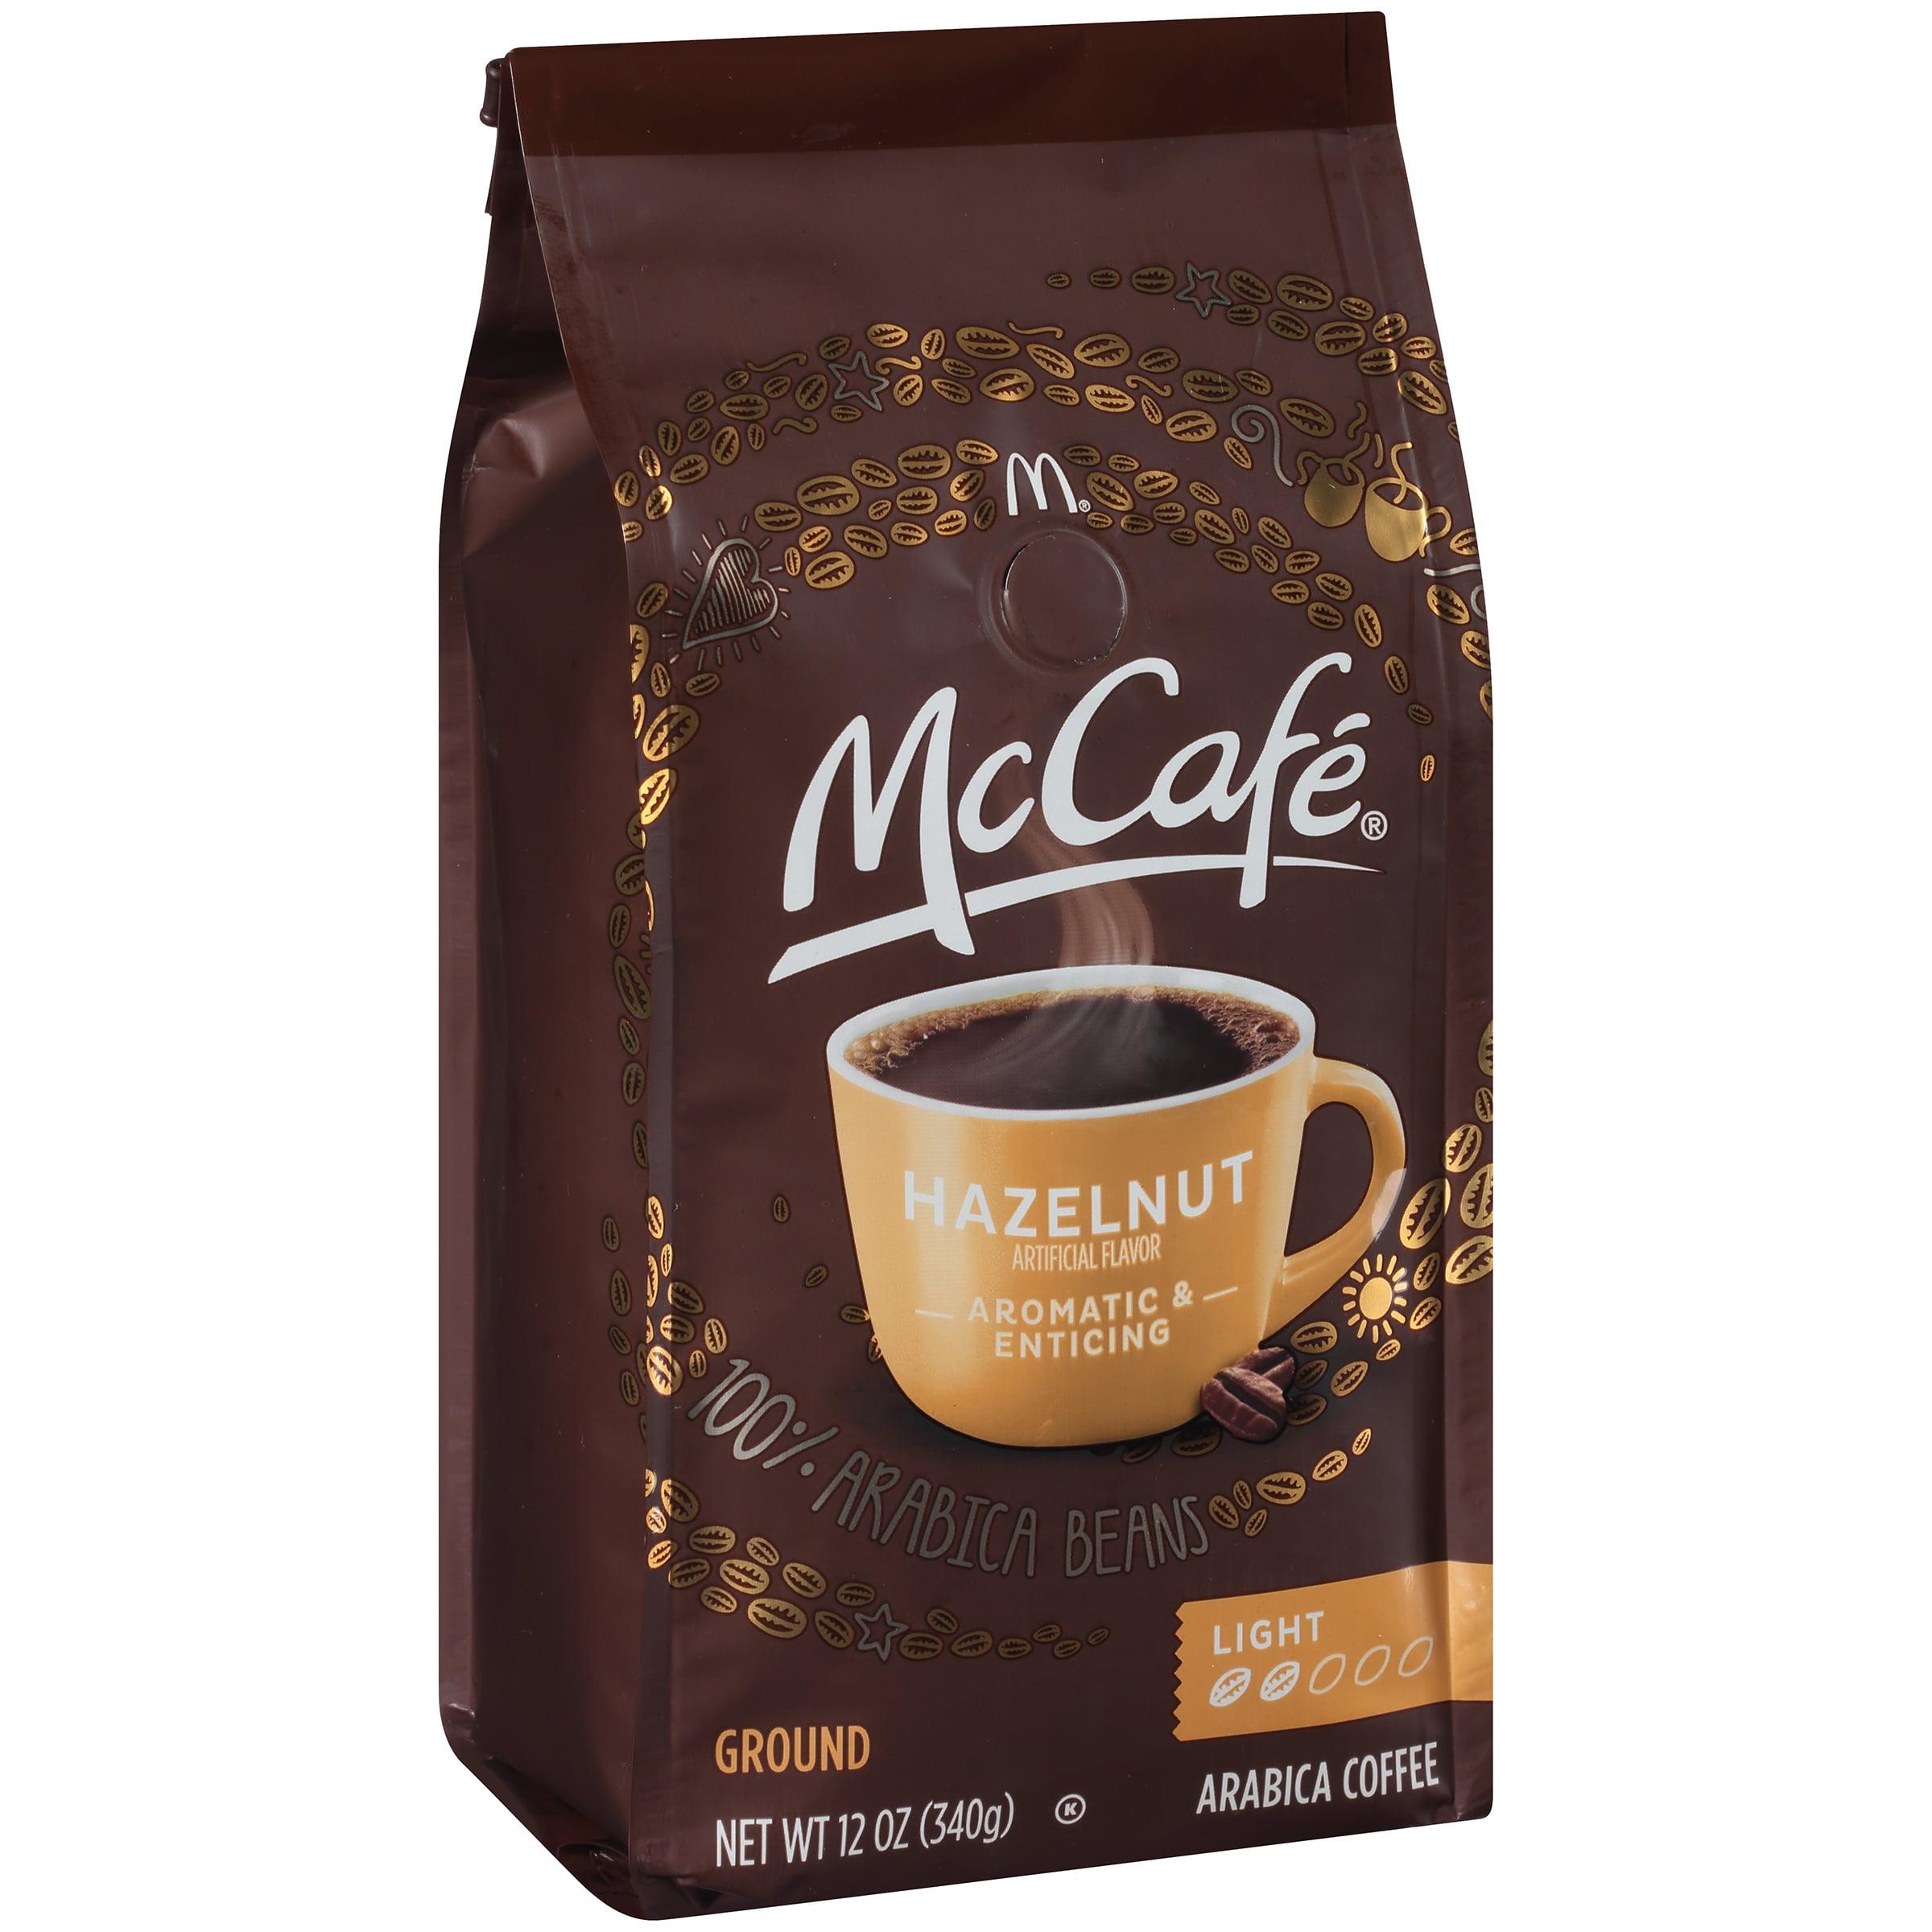 McCafe® Hazelnut Ground Coffee 12 oz. Bag